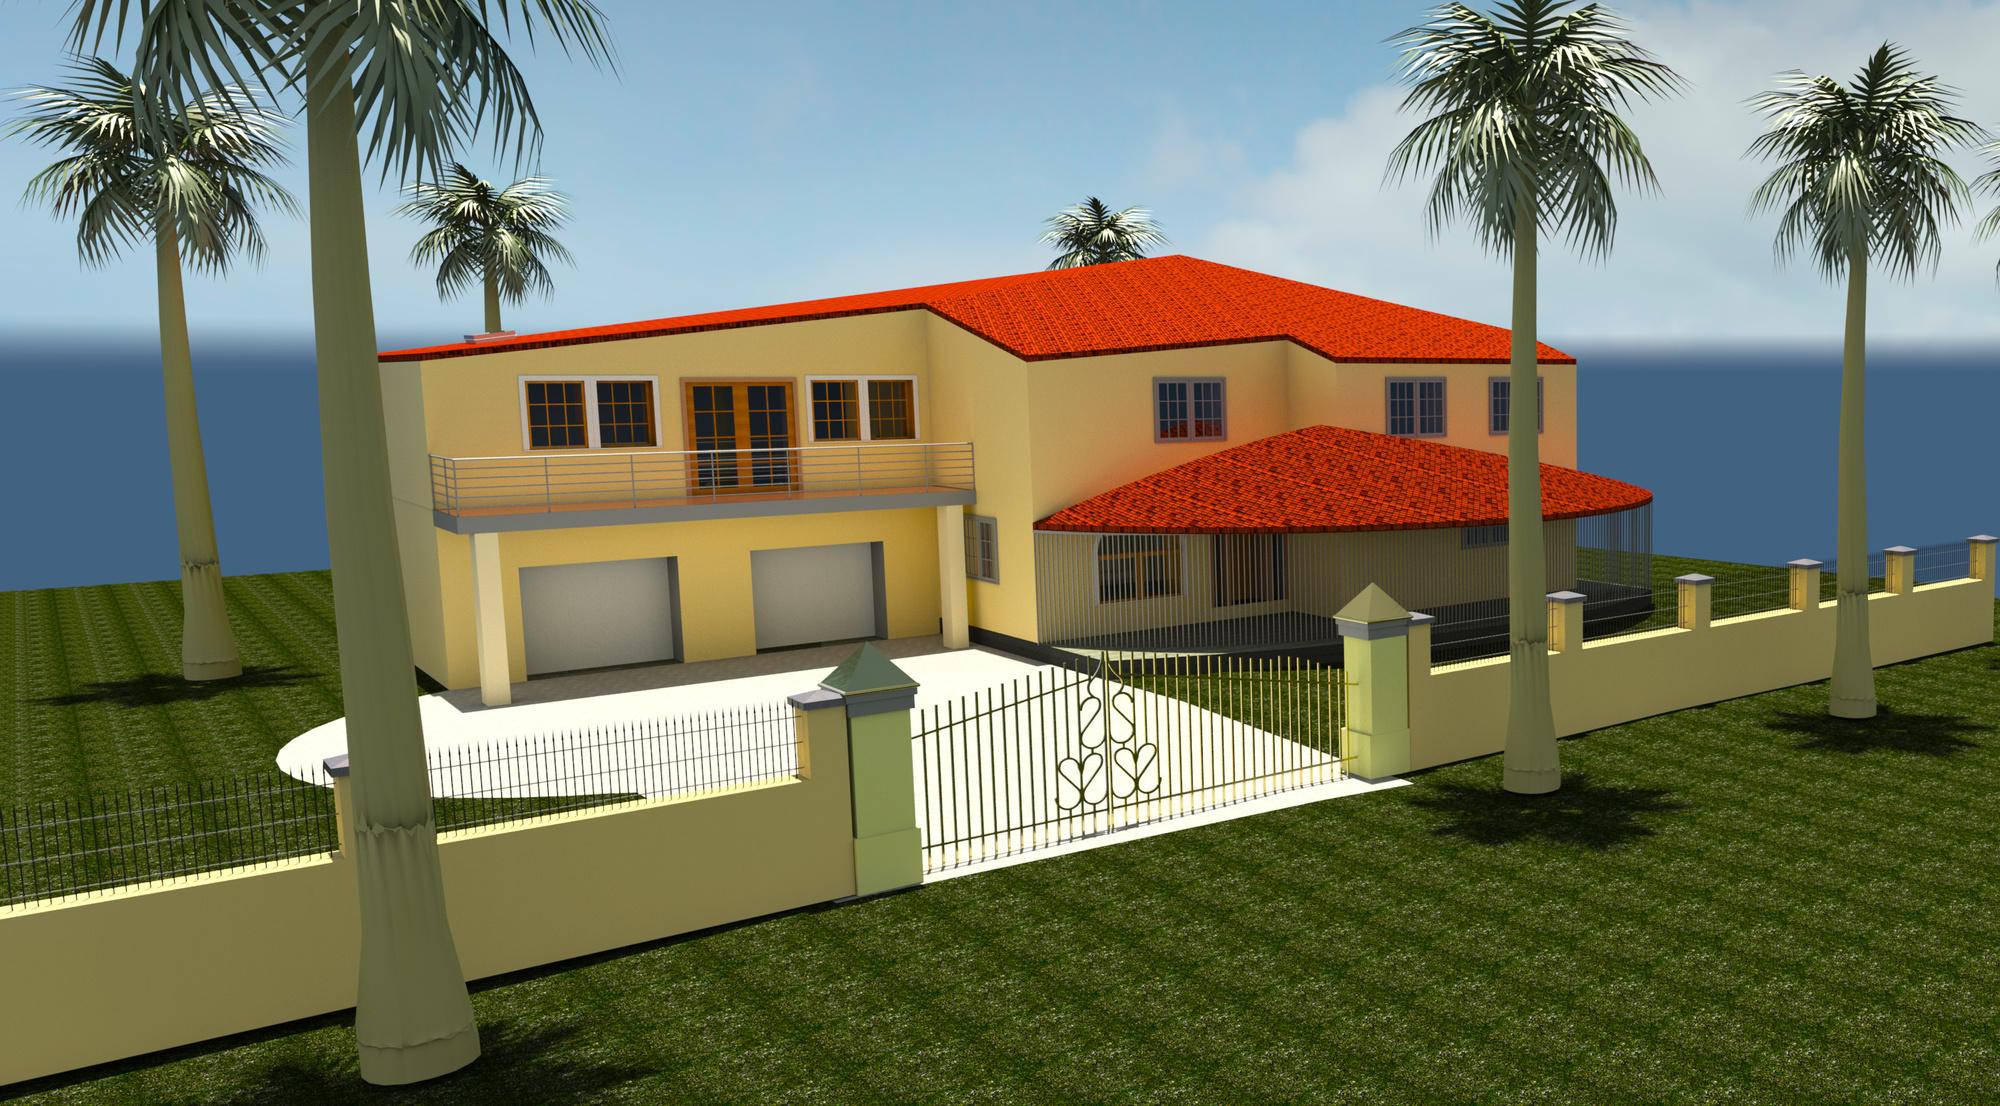 Raas-rendering20150423-760-1akoxce